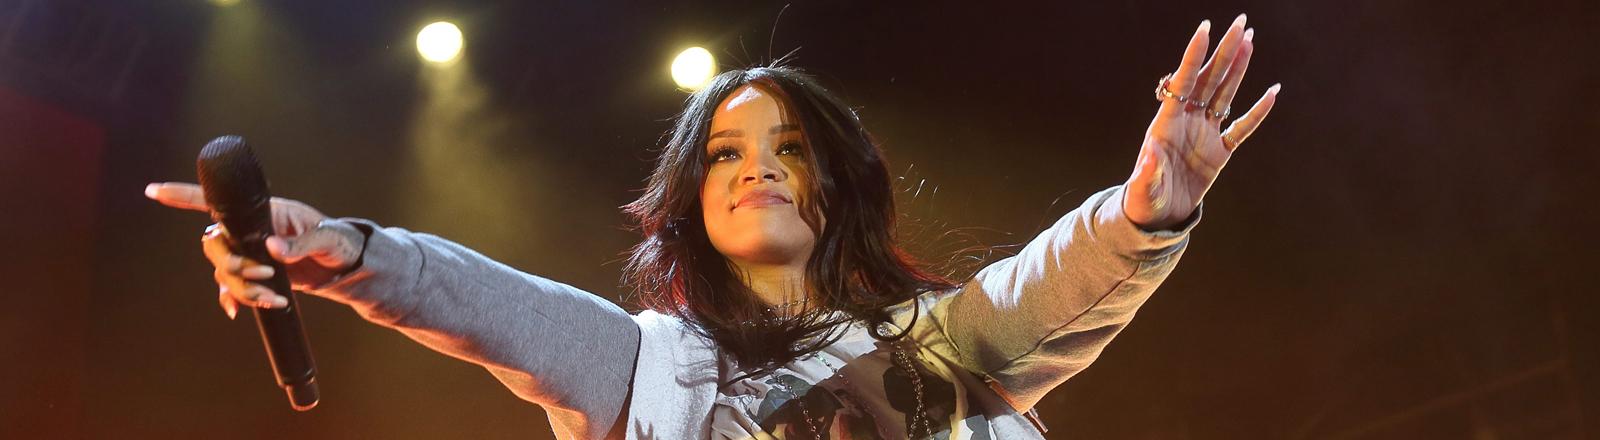 Rihanna bei einem Auftritt White River State Park in Indianapolis, Indiana, USA